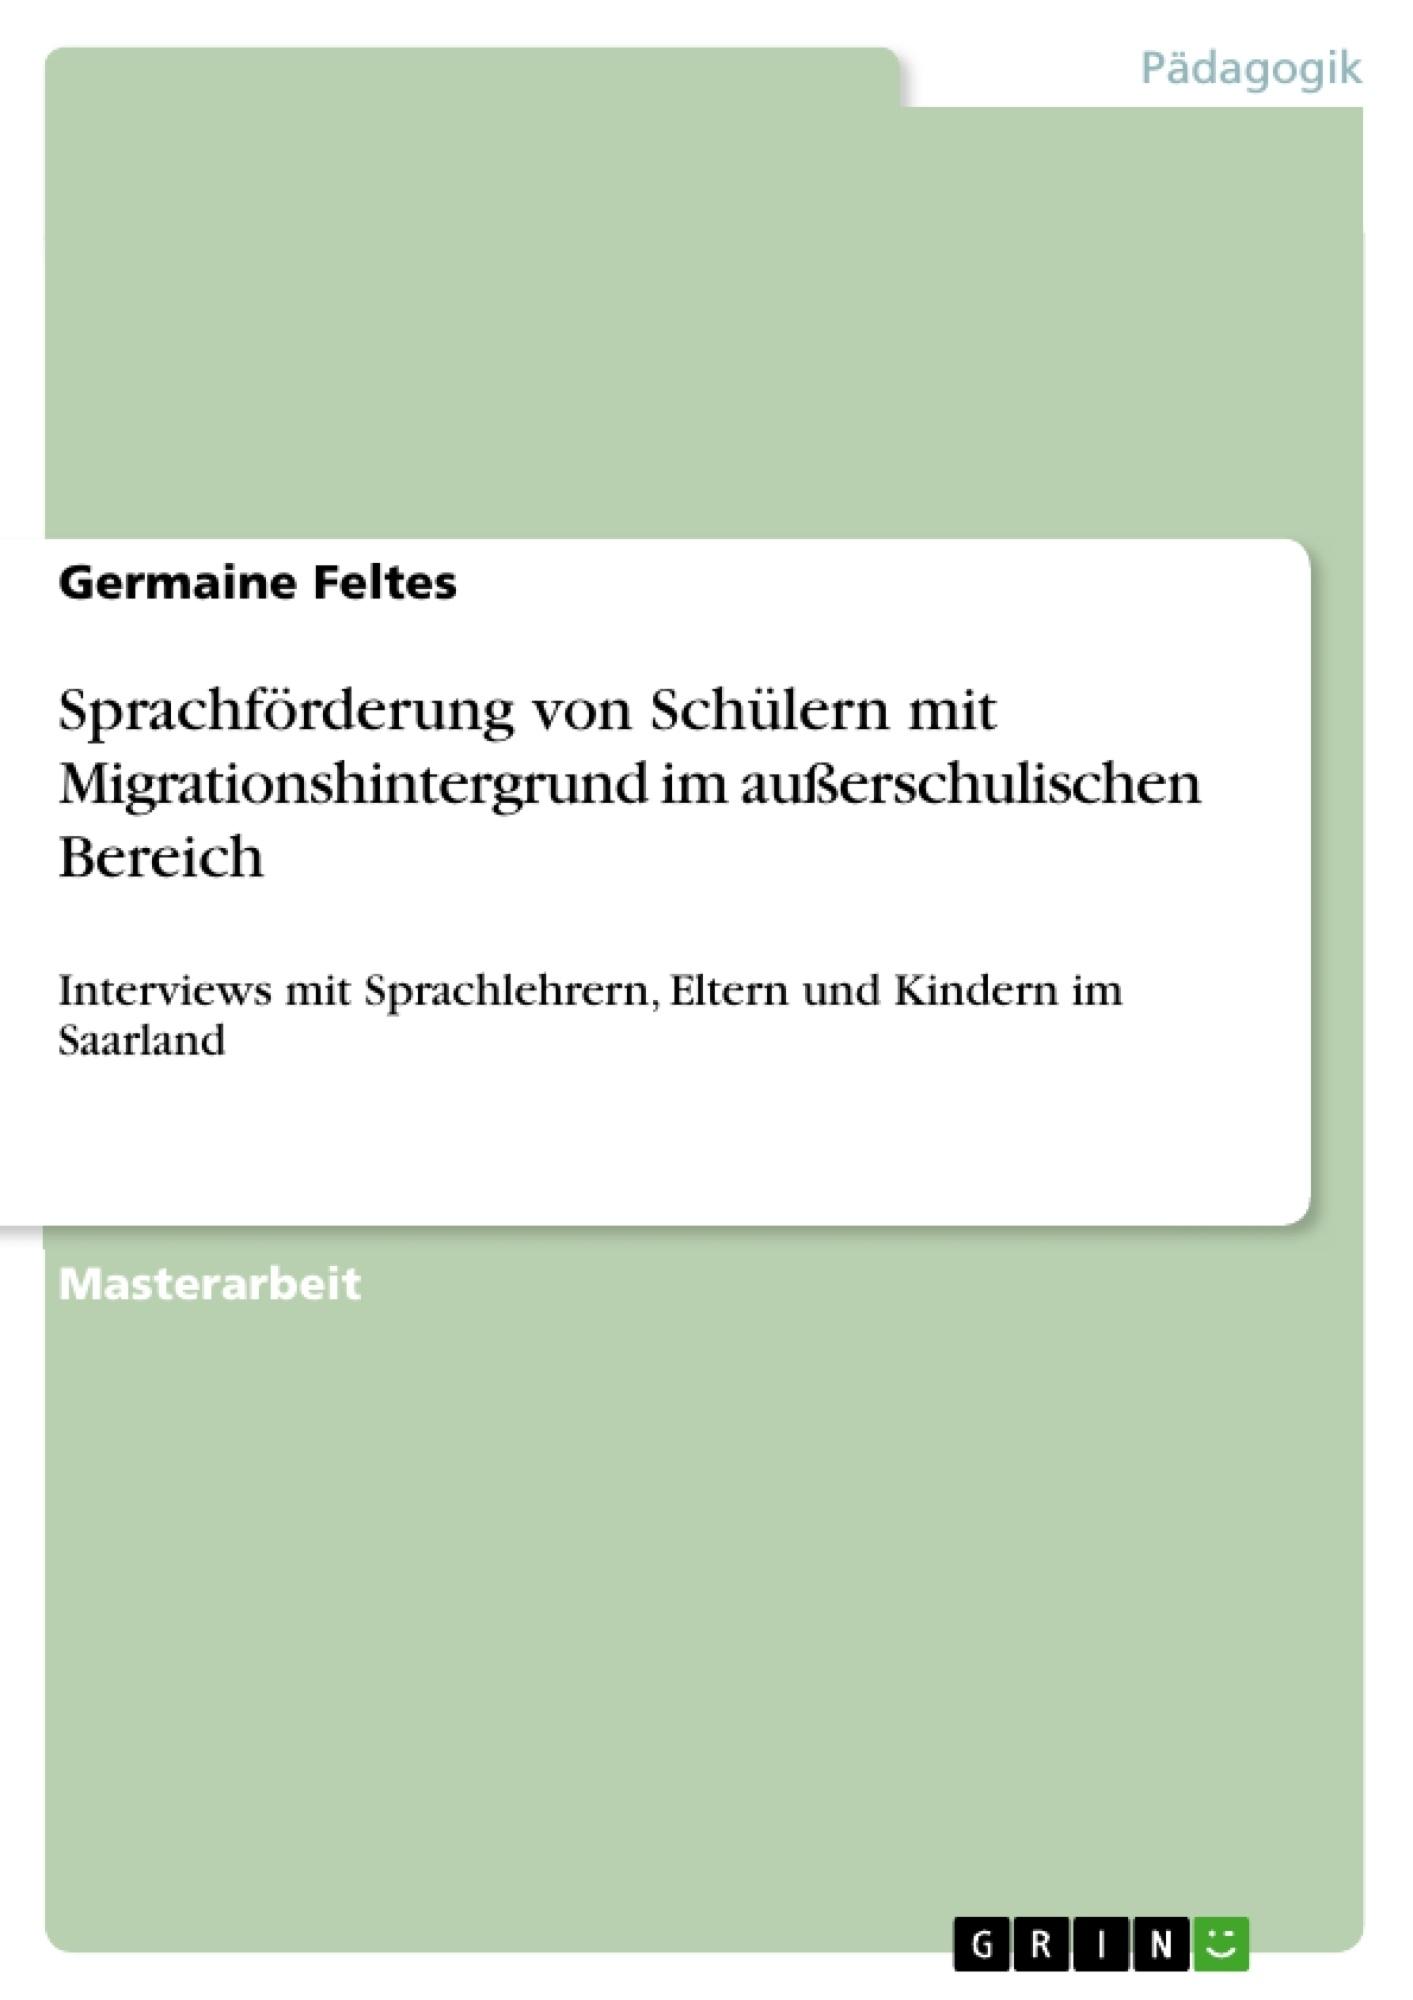 Titel: Sprachförderung von Schülern mit Migrationshintergrund im außerschulischen Bereich